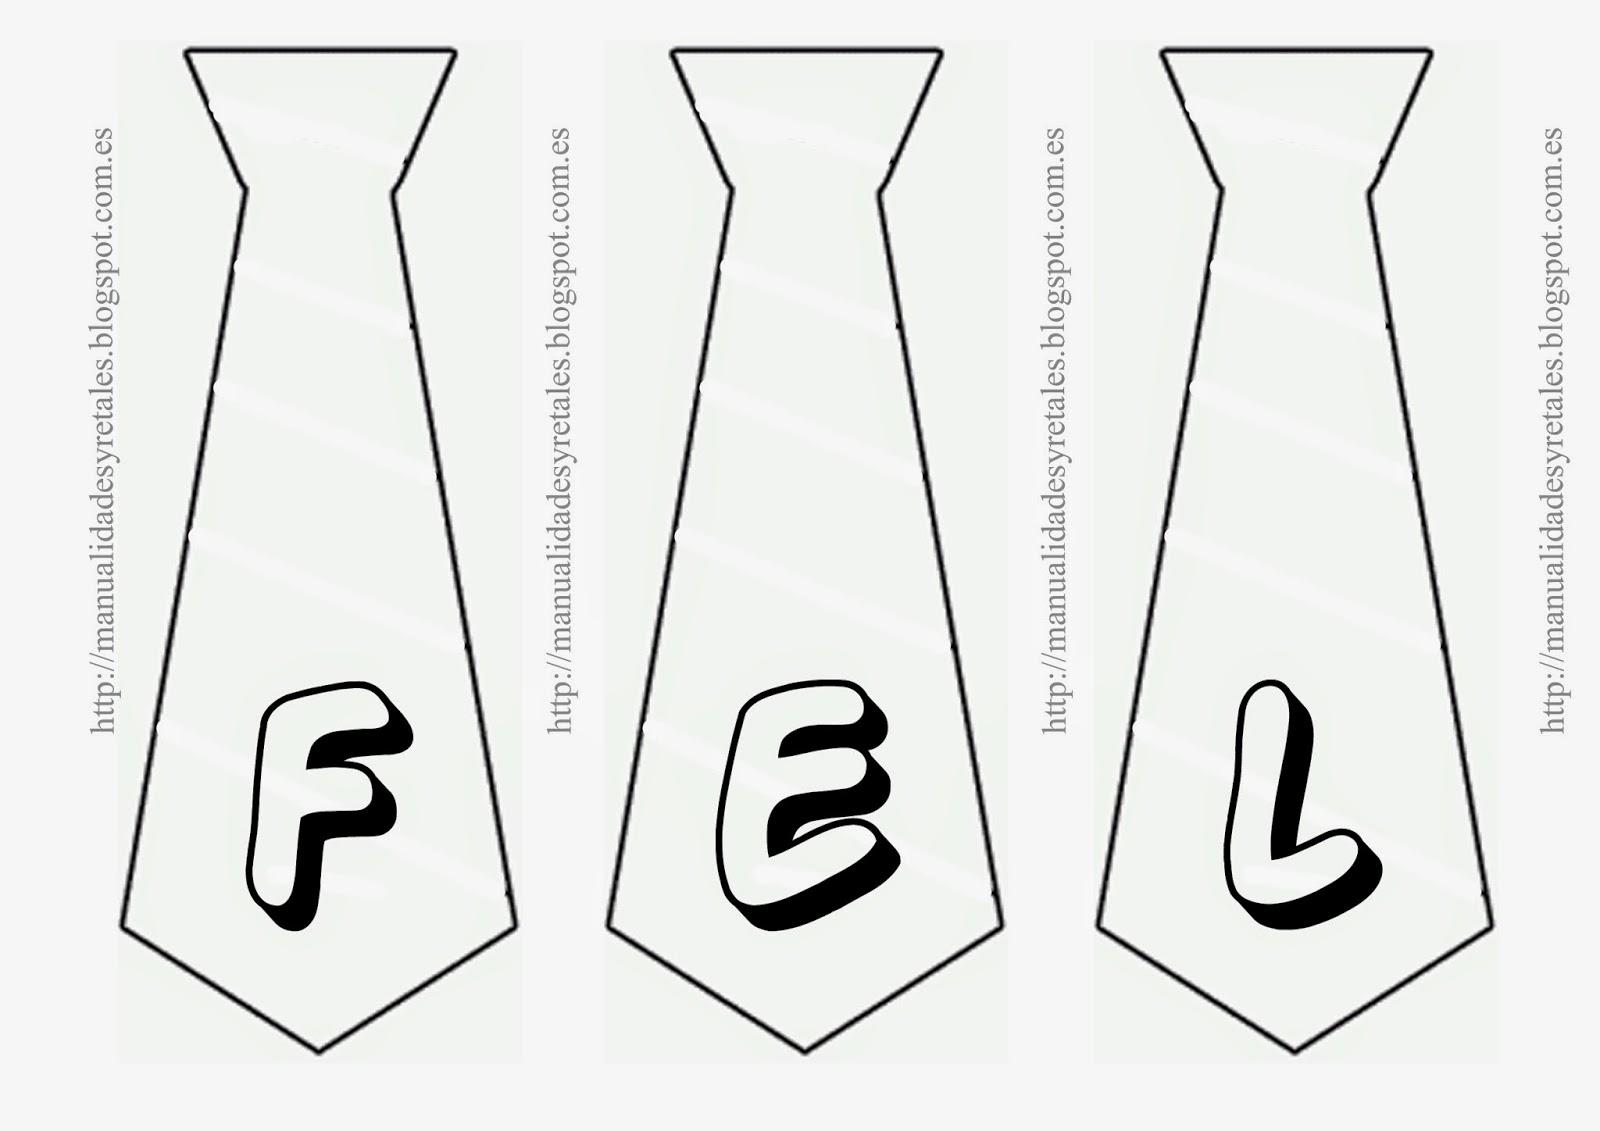 Manualidades y retales guirnalda de corbatas for Guirnaldas para imprimir